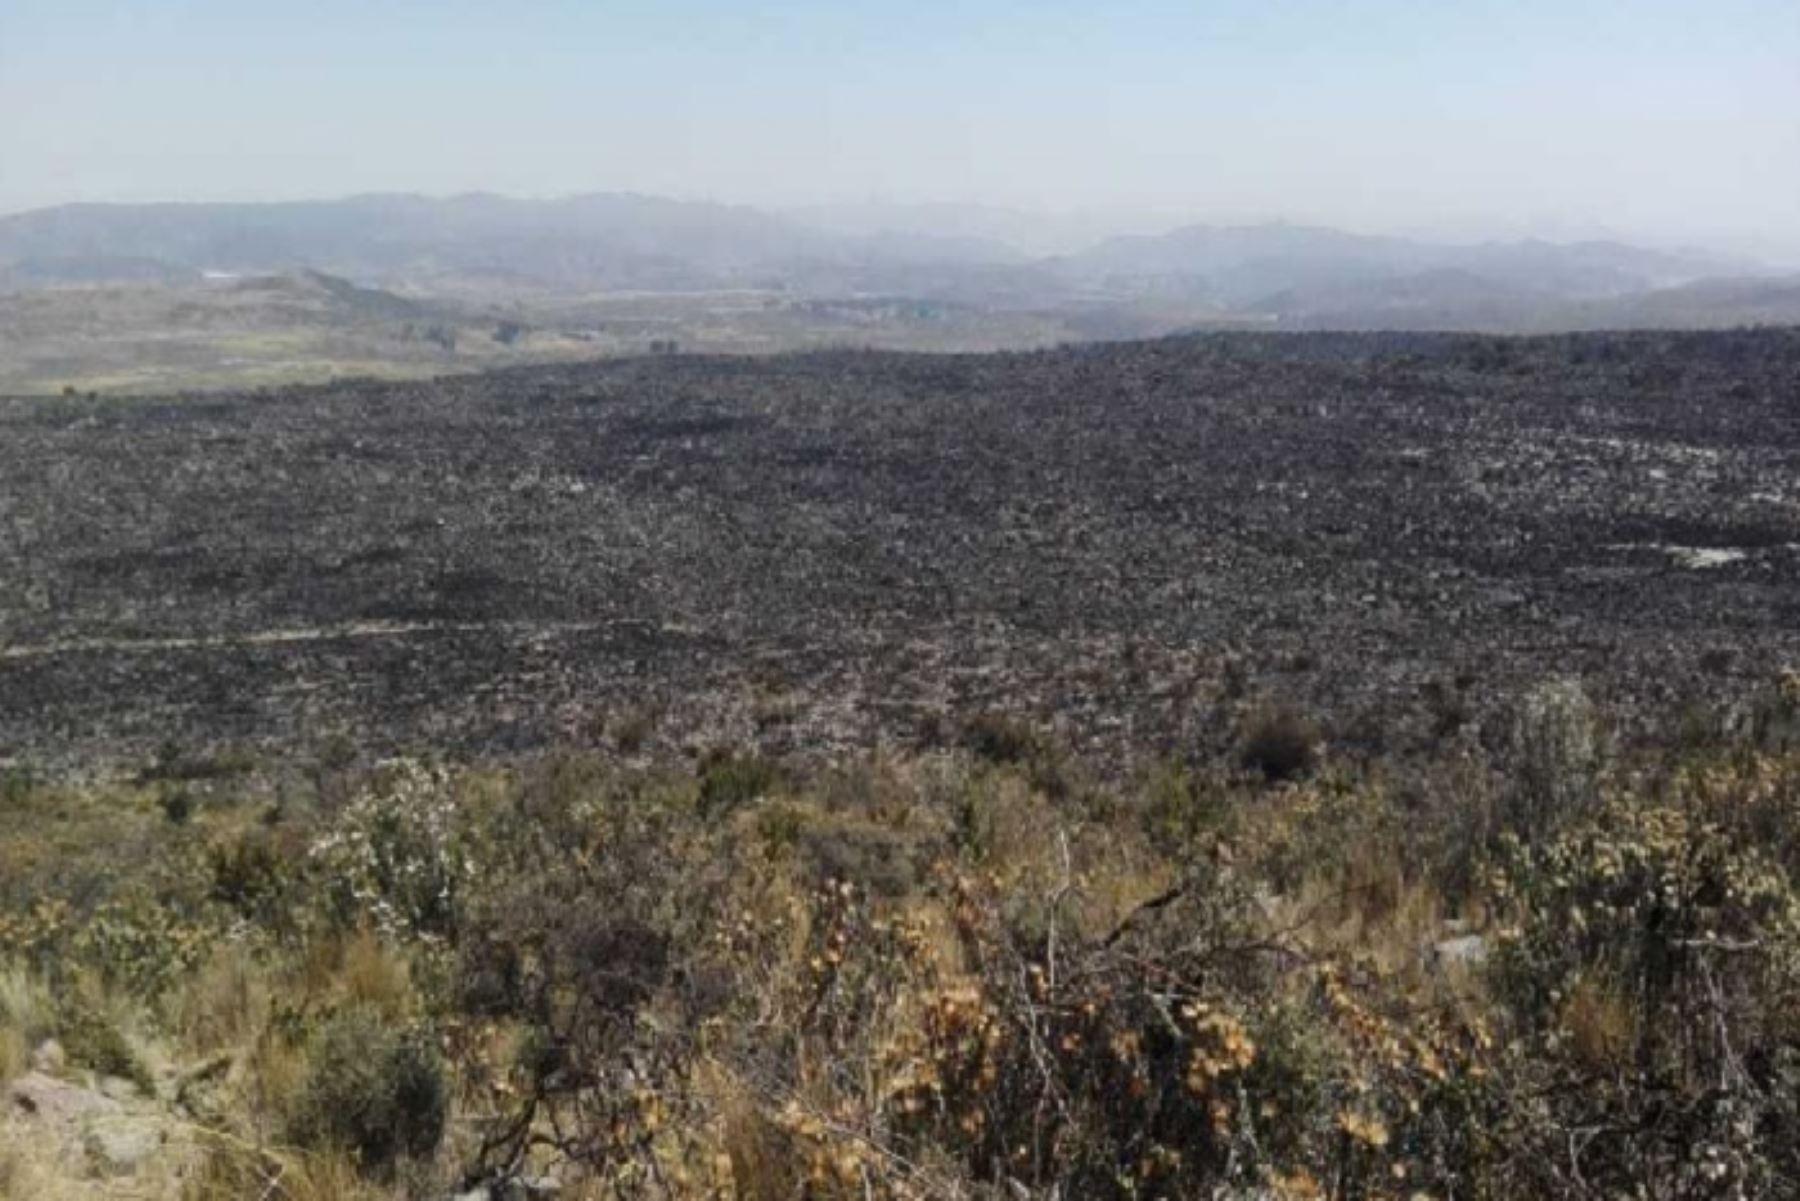 Alrededor de 2,000 hectáreas de cobertura natural vegetal dañó en Arequipa y Moquegua el incendio forestal que se logró controlar luego de 4 días de denodados esfuerzos por parte de las distintas instituciones del Estado, autoridades y pobladores, informó el Ministerio de Agricultura y Riego (Minagri).